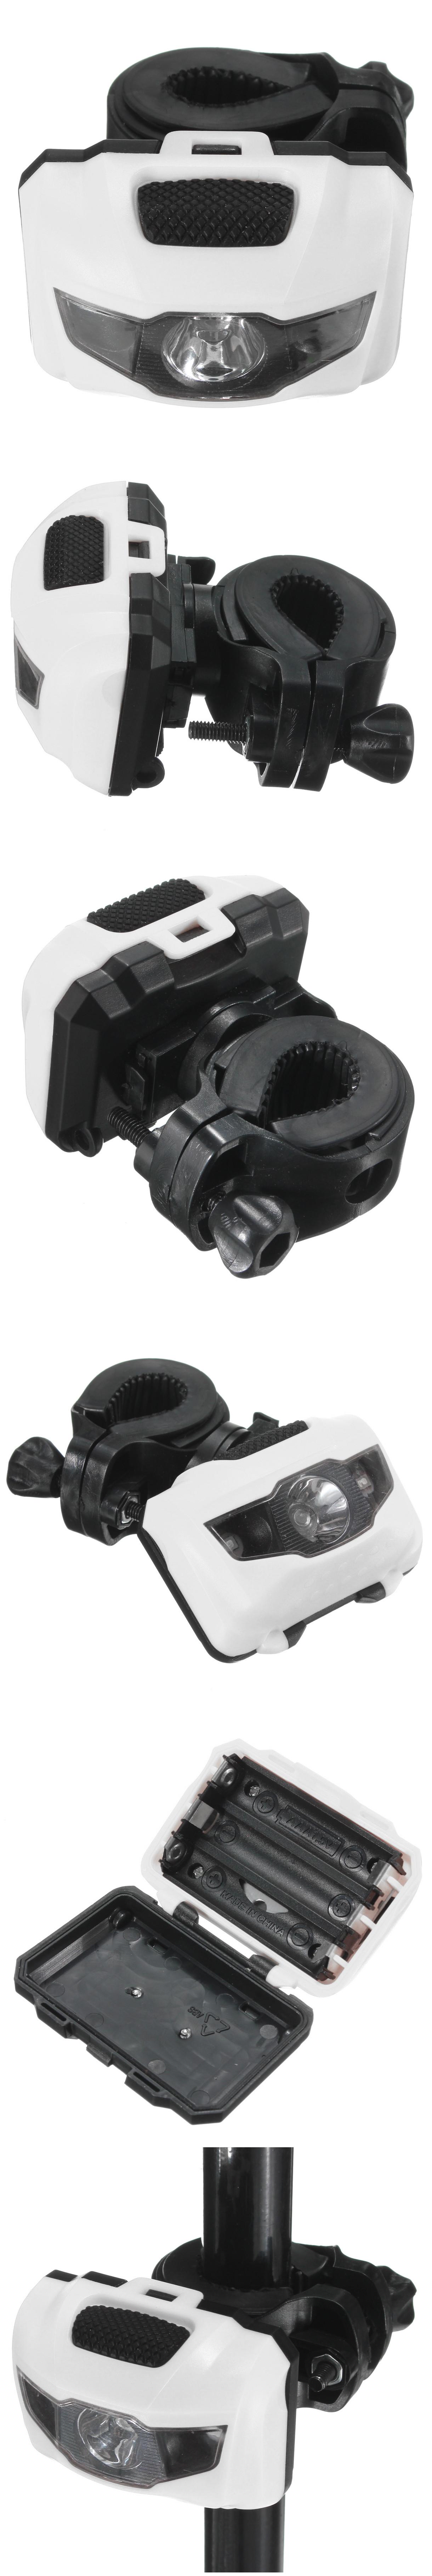 Bicycle Bike Light Front Rear Tail Light Lamp Mini Flash LED Light 3 modes